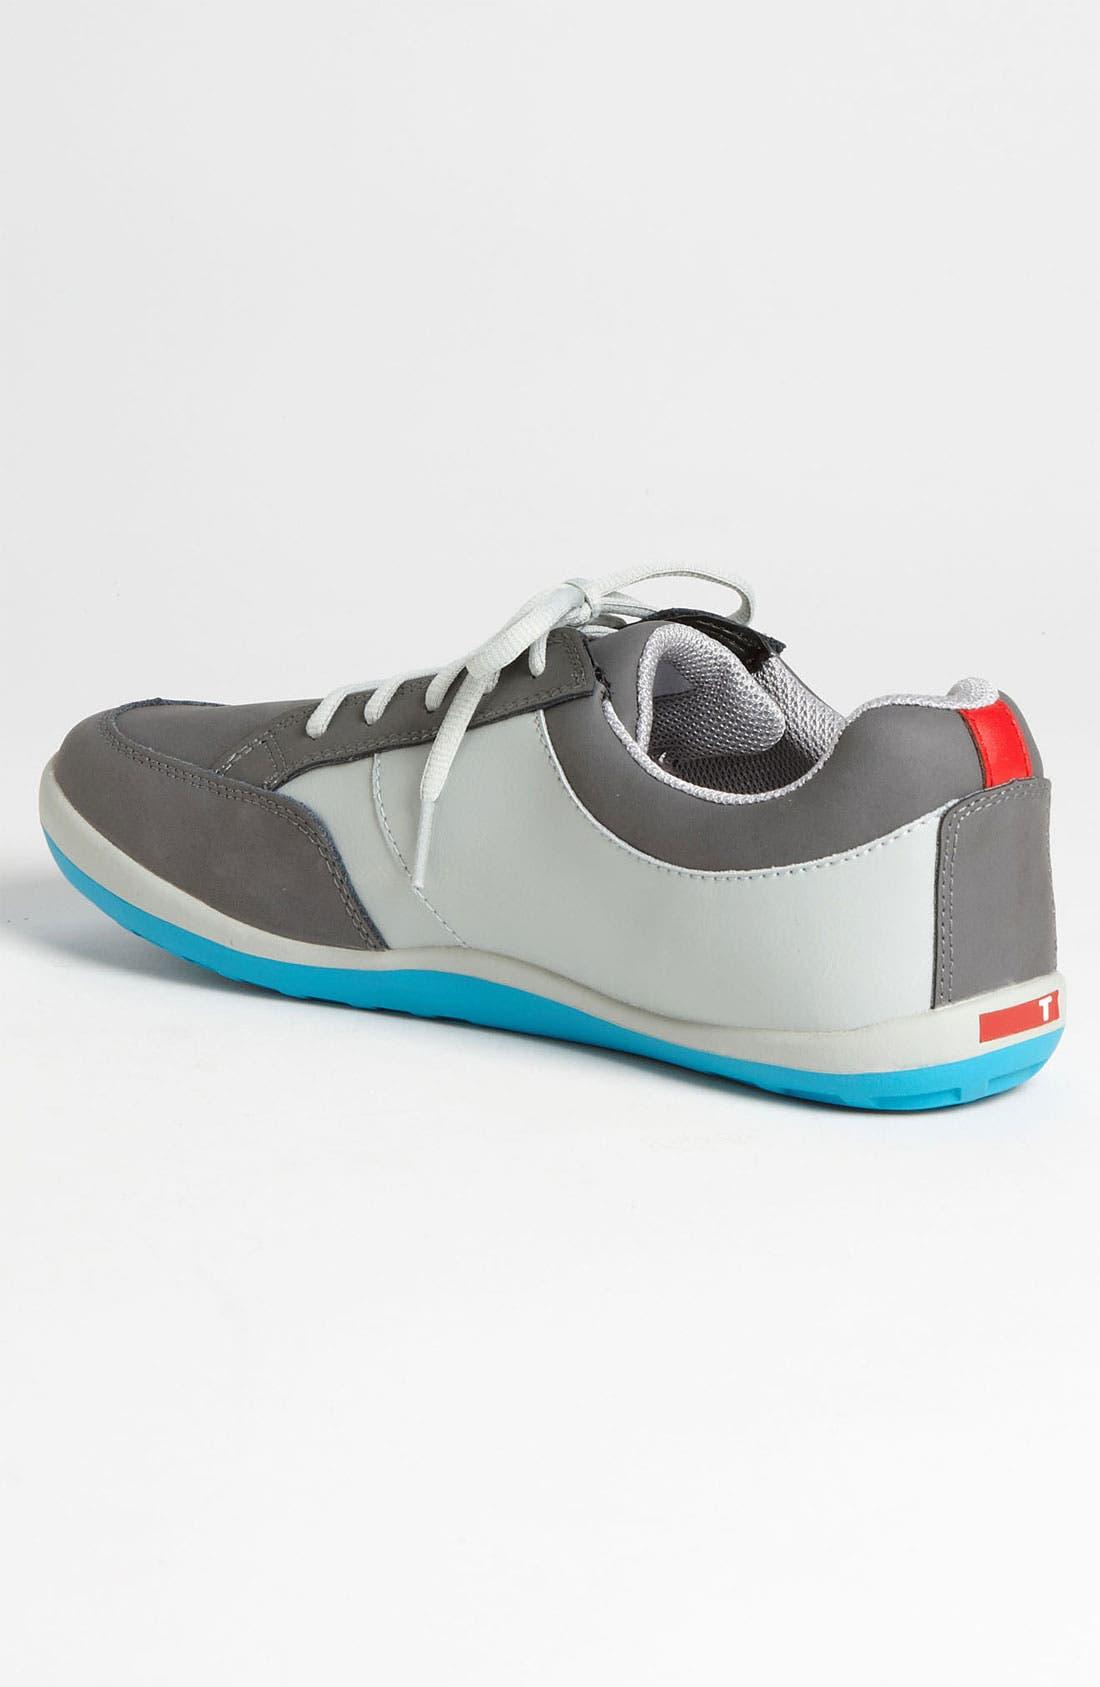 Alternate Image 2  - TRUE linkswear 'TRUE phx' Golf Shoe (Men)